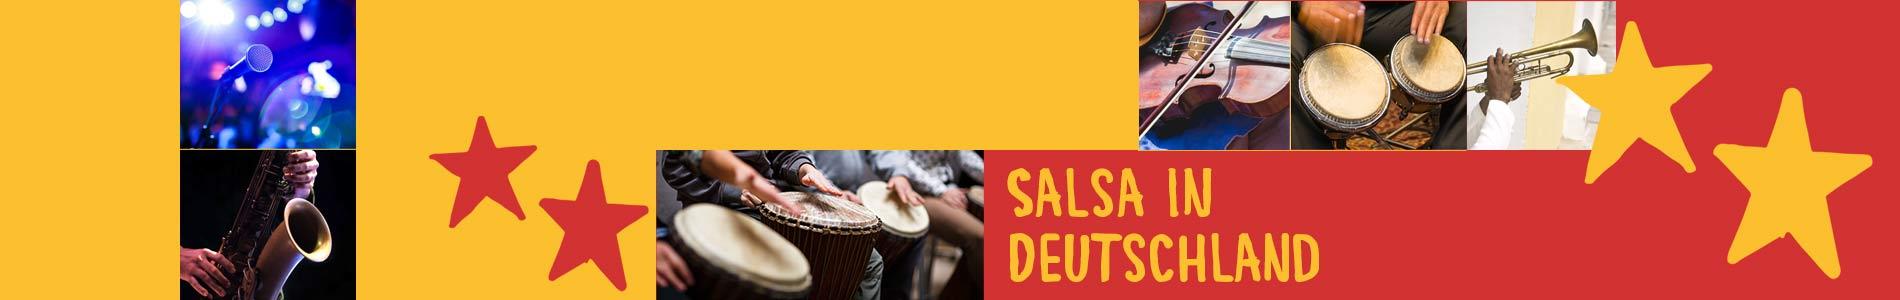 Salsa in Buchforst – Salsa lernen und tanzen, Tanzkurse, Partys, Veranstaltungen